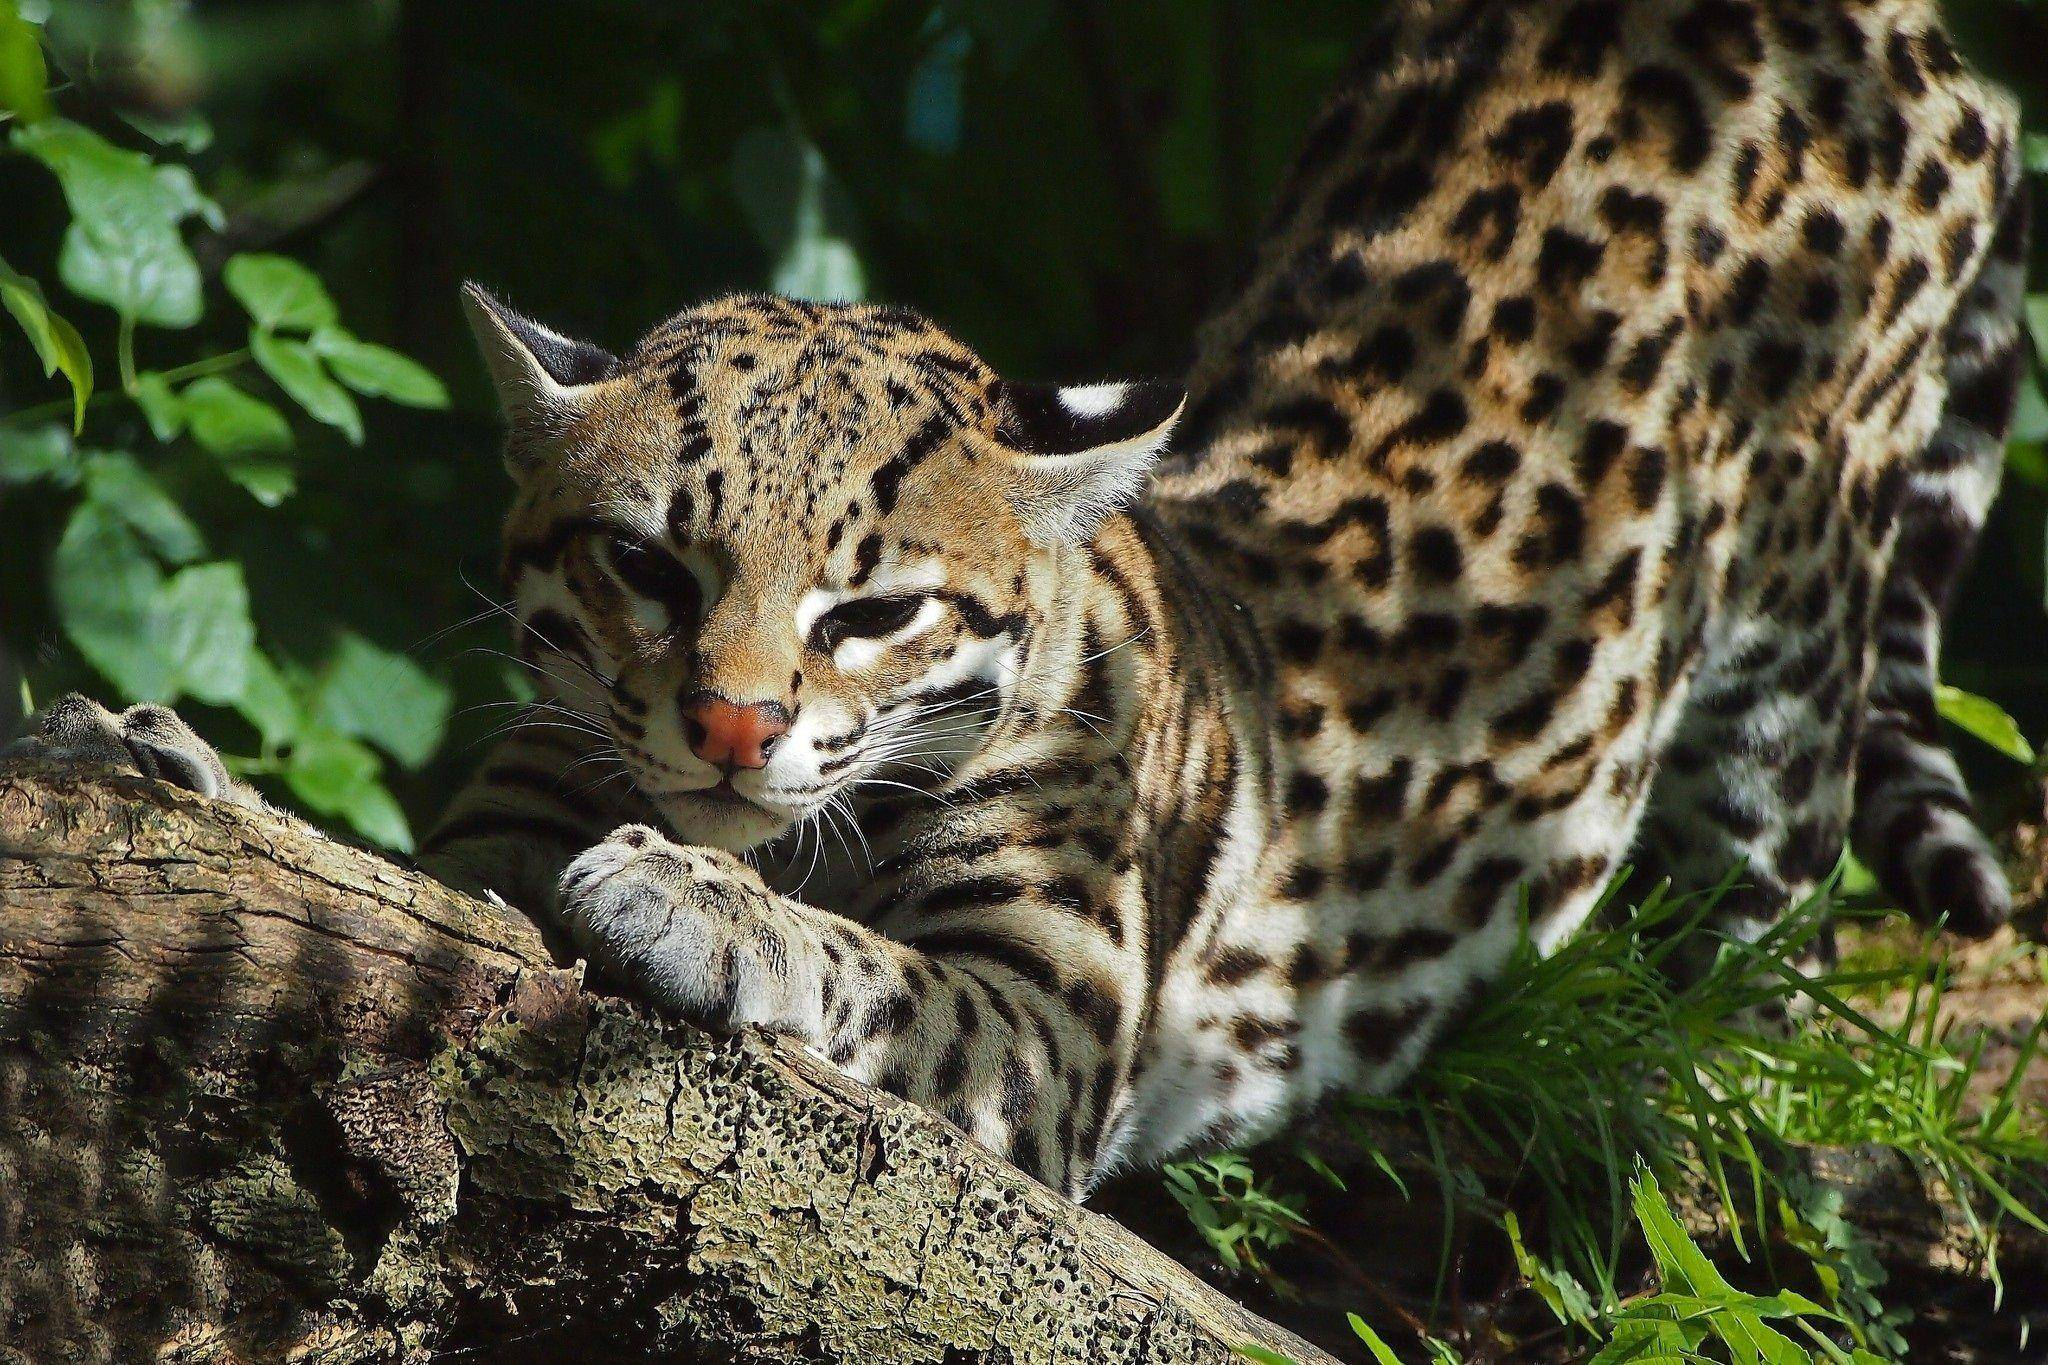 Европейский дикий лесной кот: описание характера и внешности степной кошки, фото дальневосточного питомца, уход и содержание